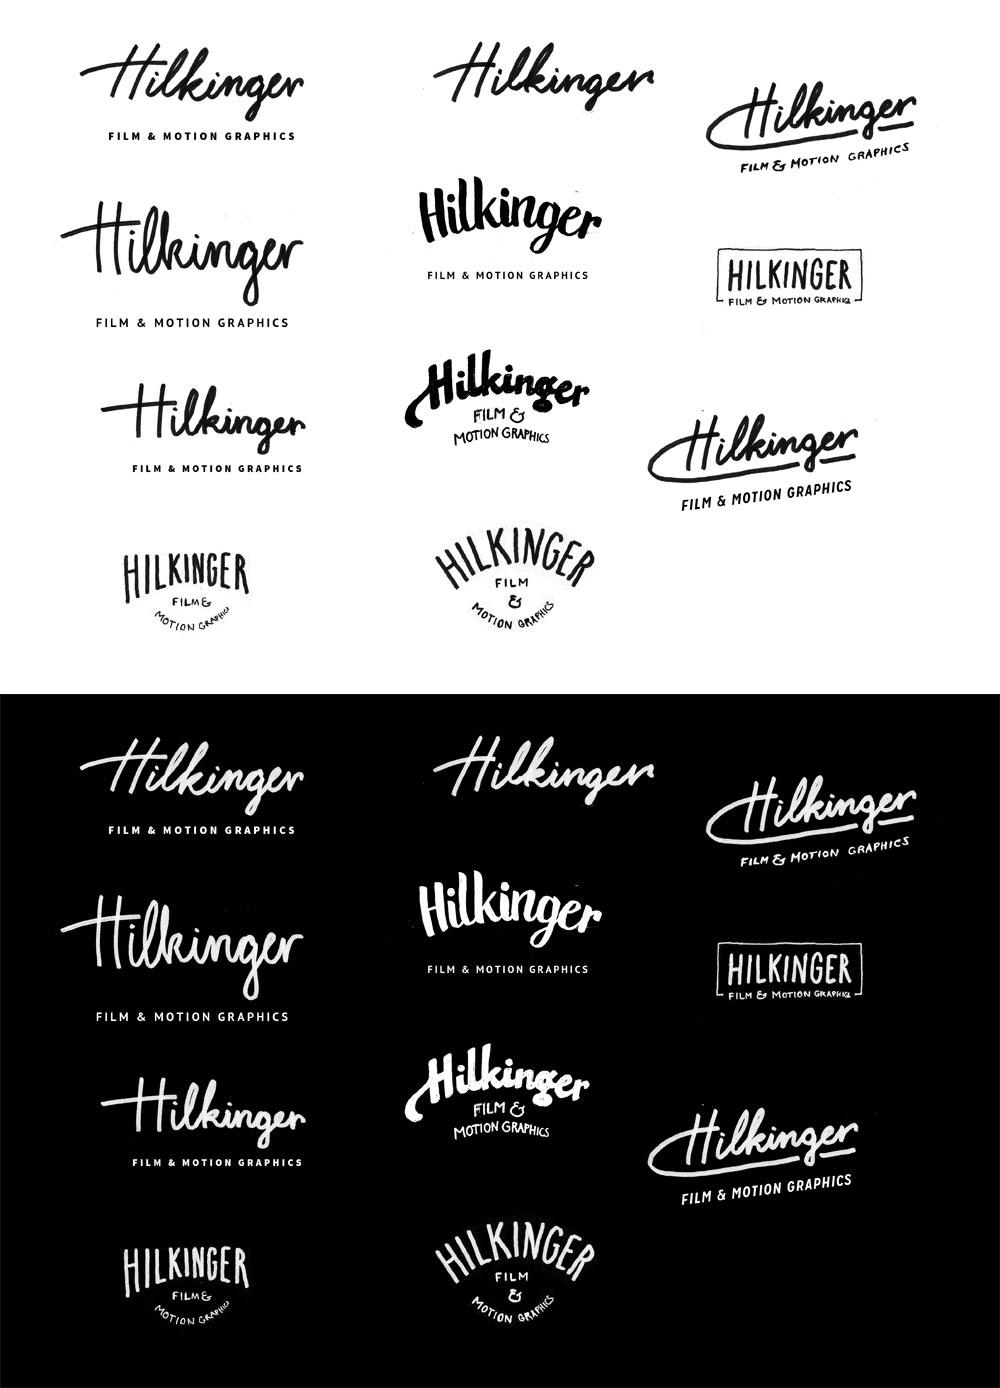 rinowenger_hilkinger_logo_sketches